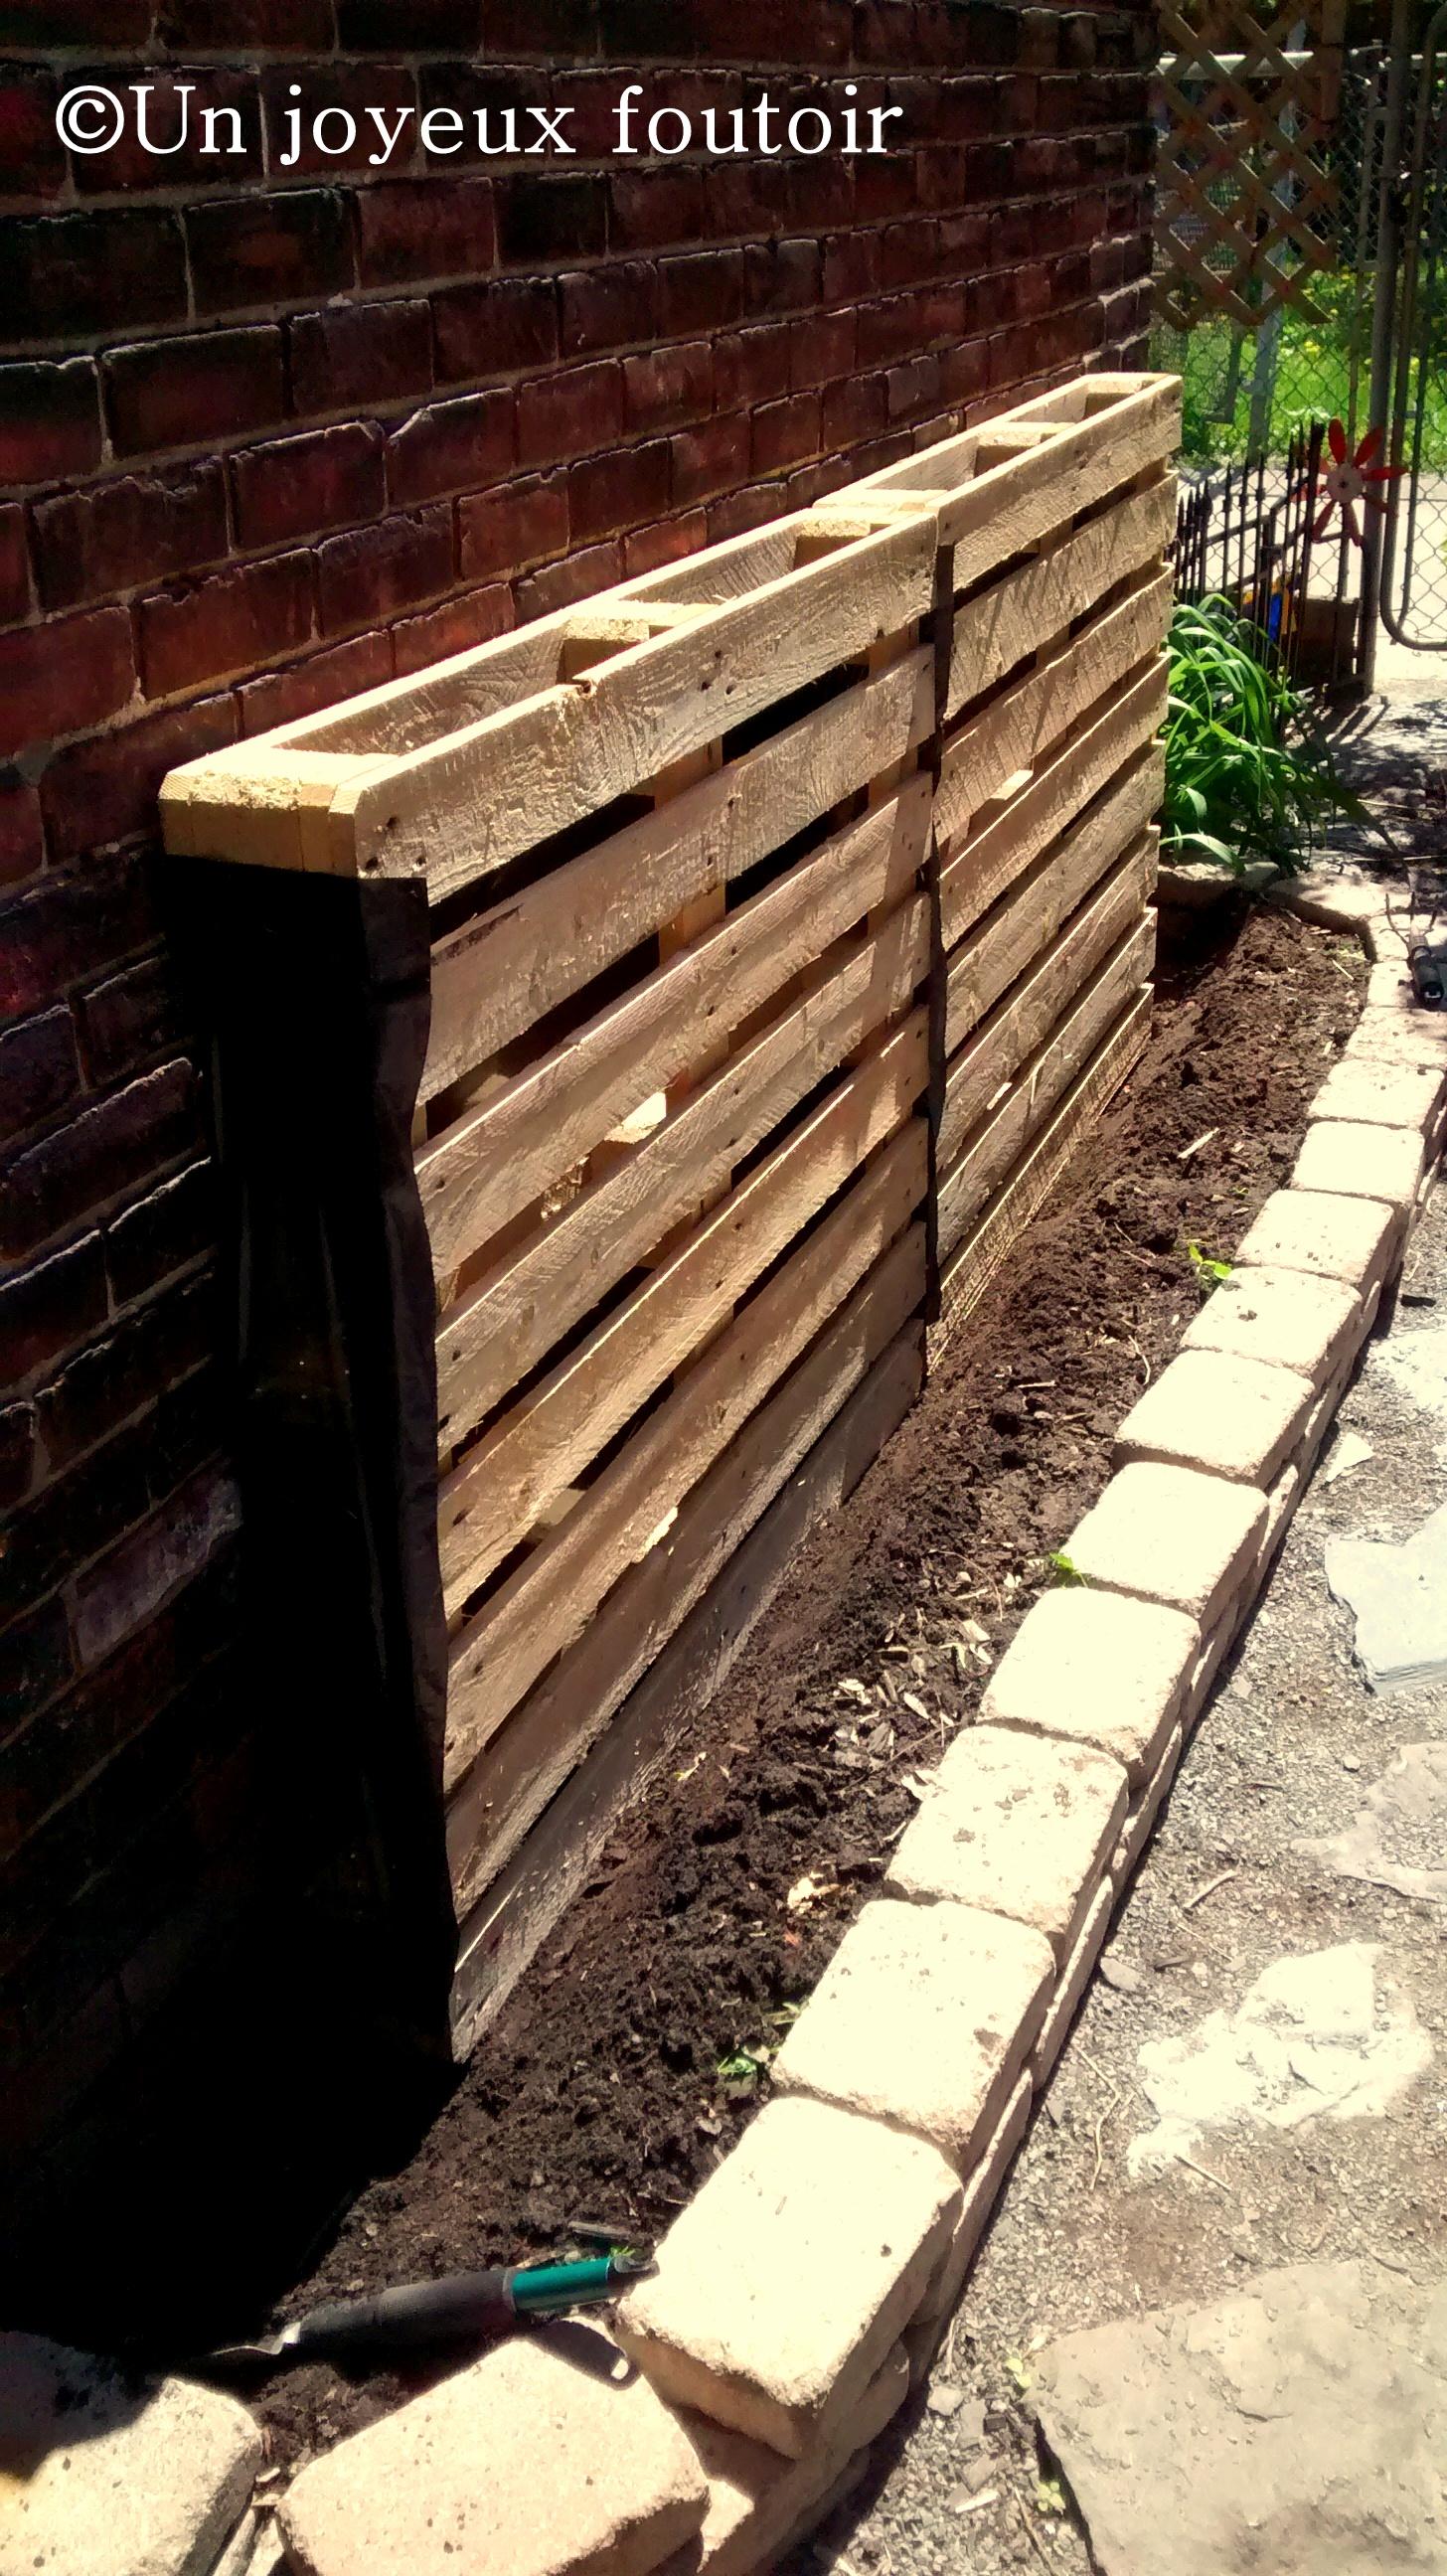 Comment faire un mur en bois de palette - Comment accrocher une guirlande lumineuse au mur exterieur ...